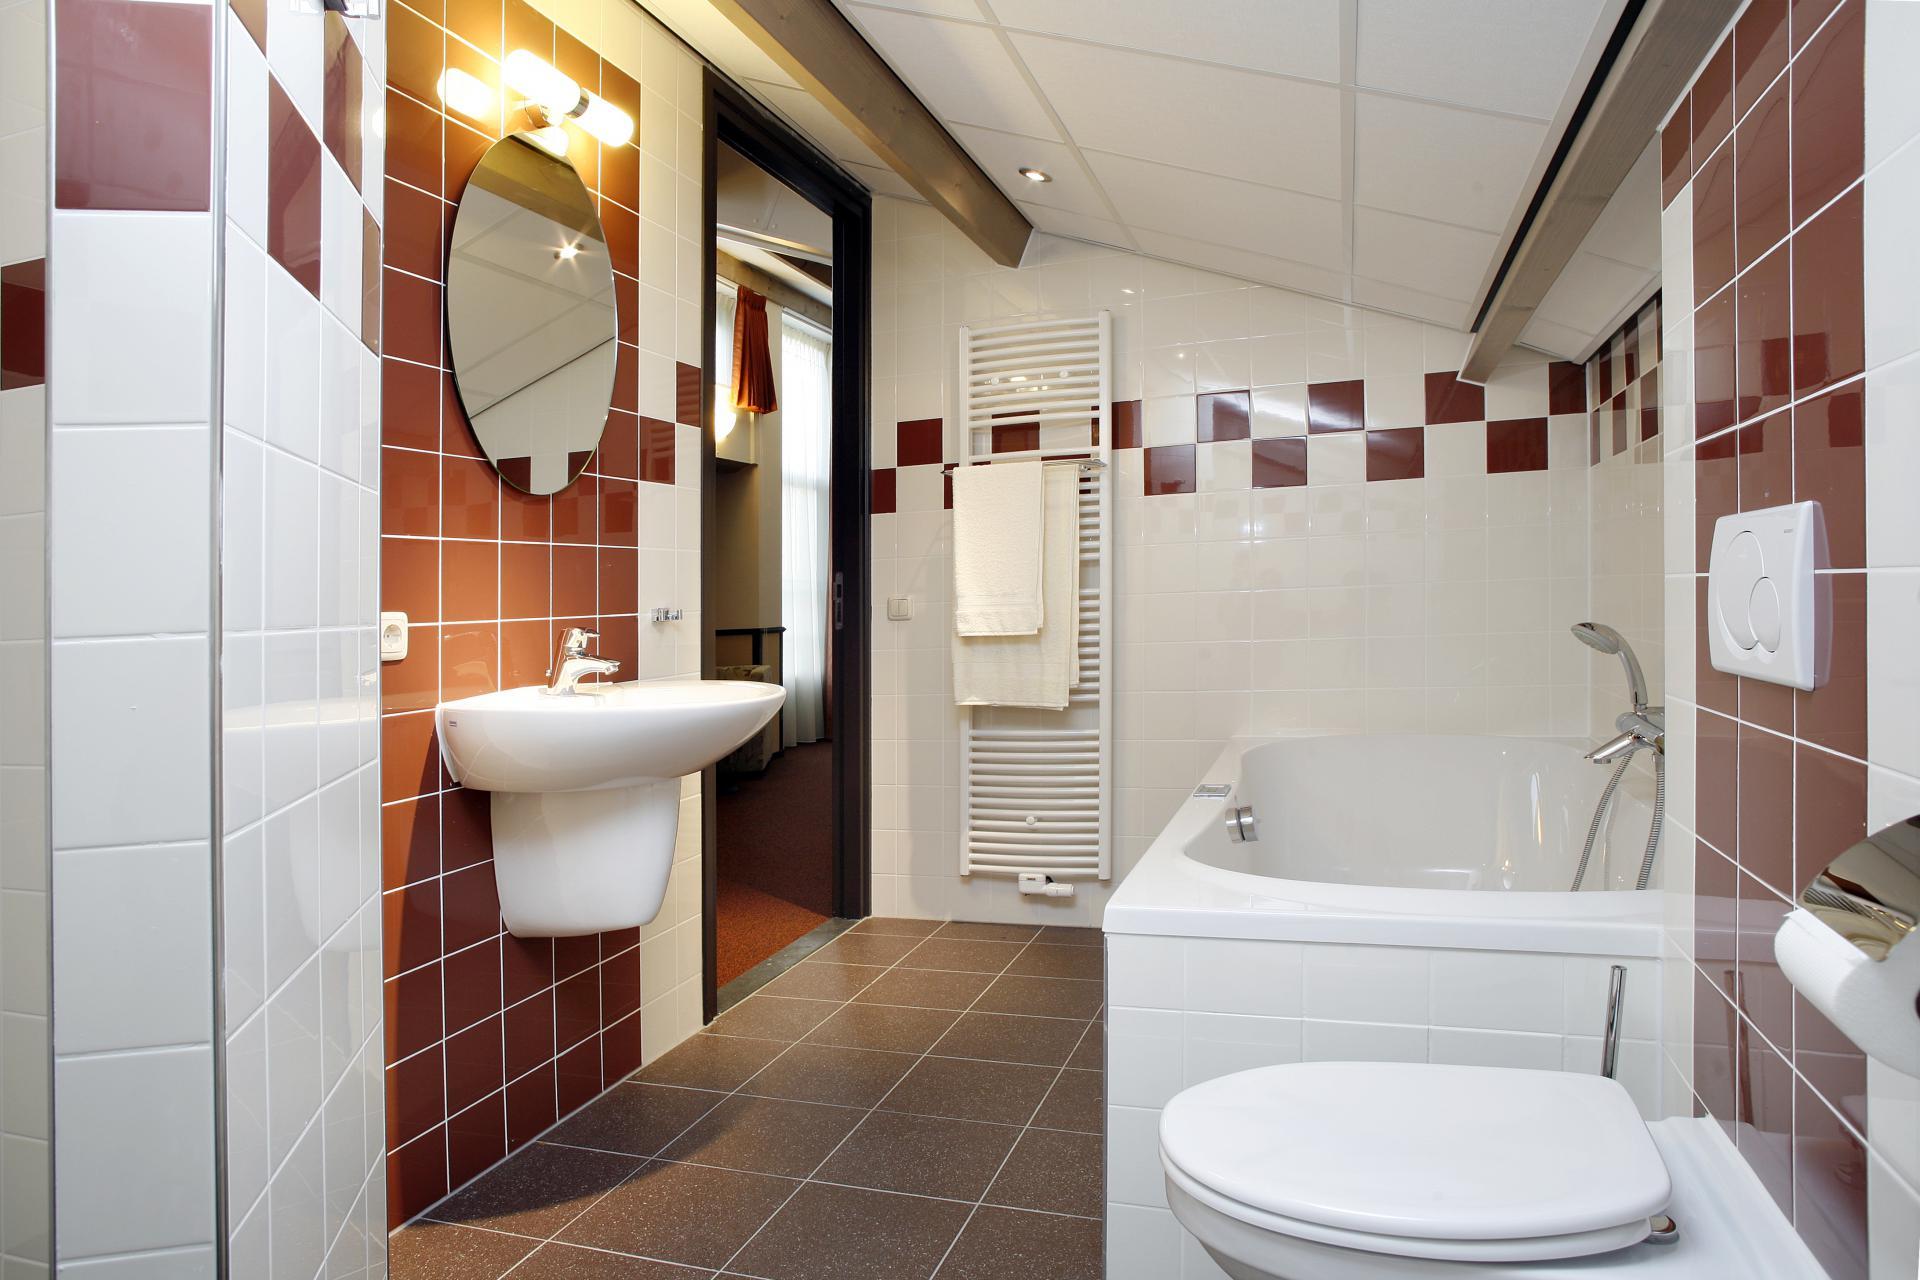 De Buitenhorst Schaijk - De Bonte Koe - badkamer